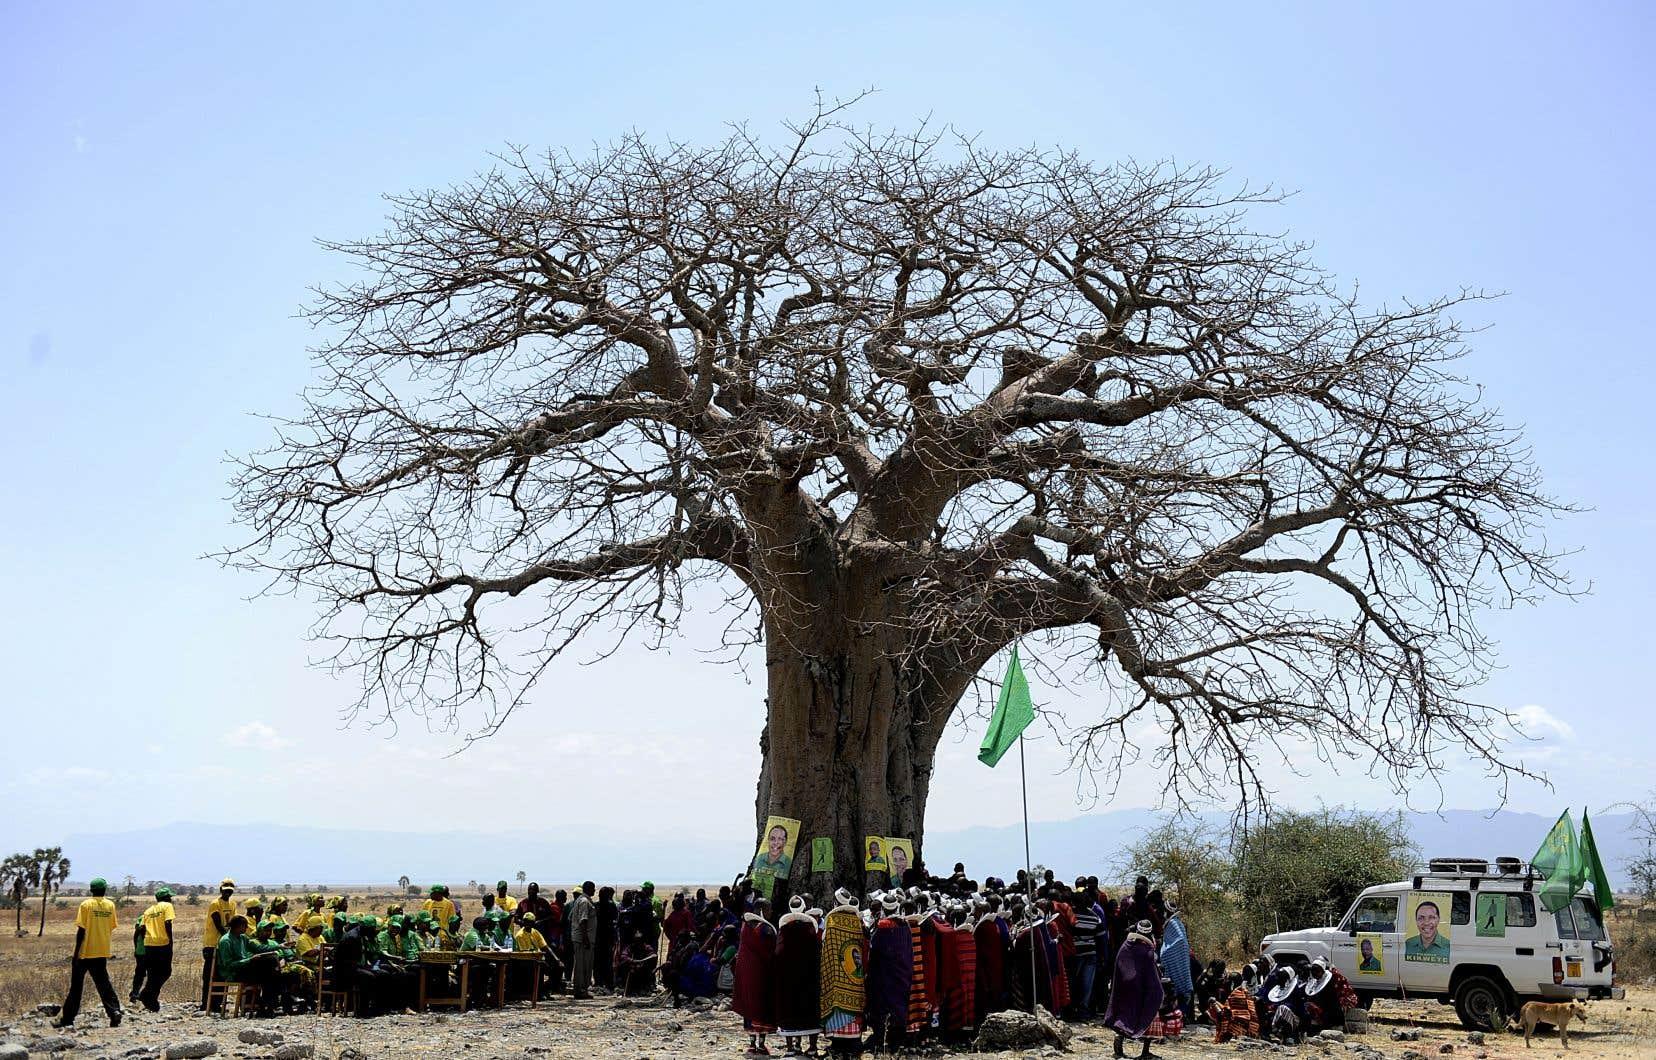 Âgés de 1100 à 2500 ans et tutoyant le ciel, les baobabs sont une des silhouettes les plus emblématiques des savanes arides, repérables à des kilomètres à la ronde.